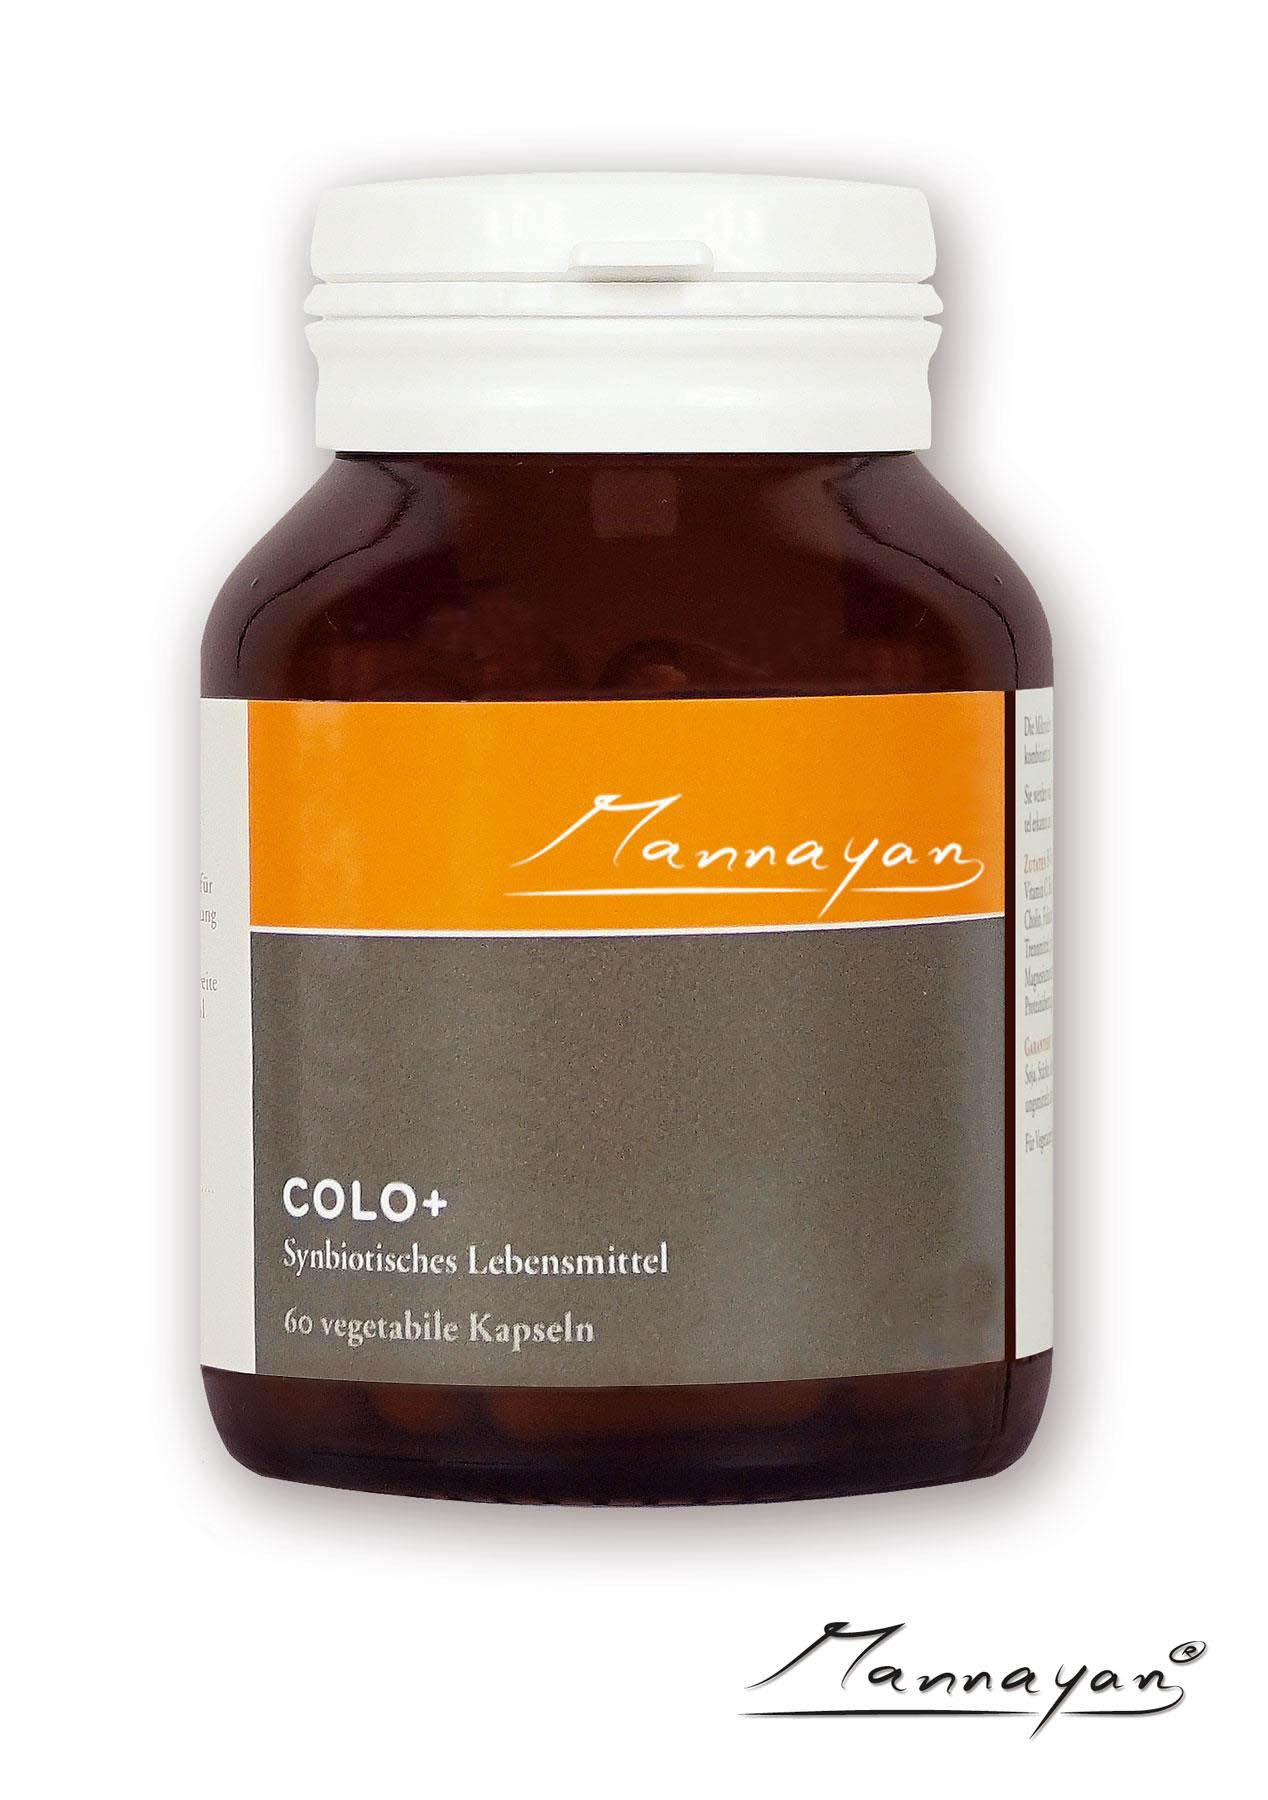 Colo+ von Mannayan